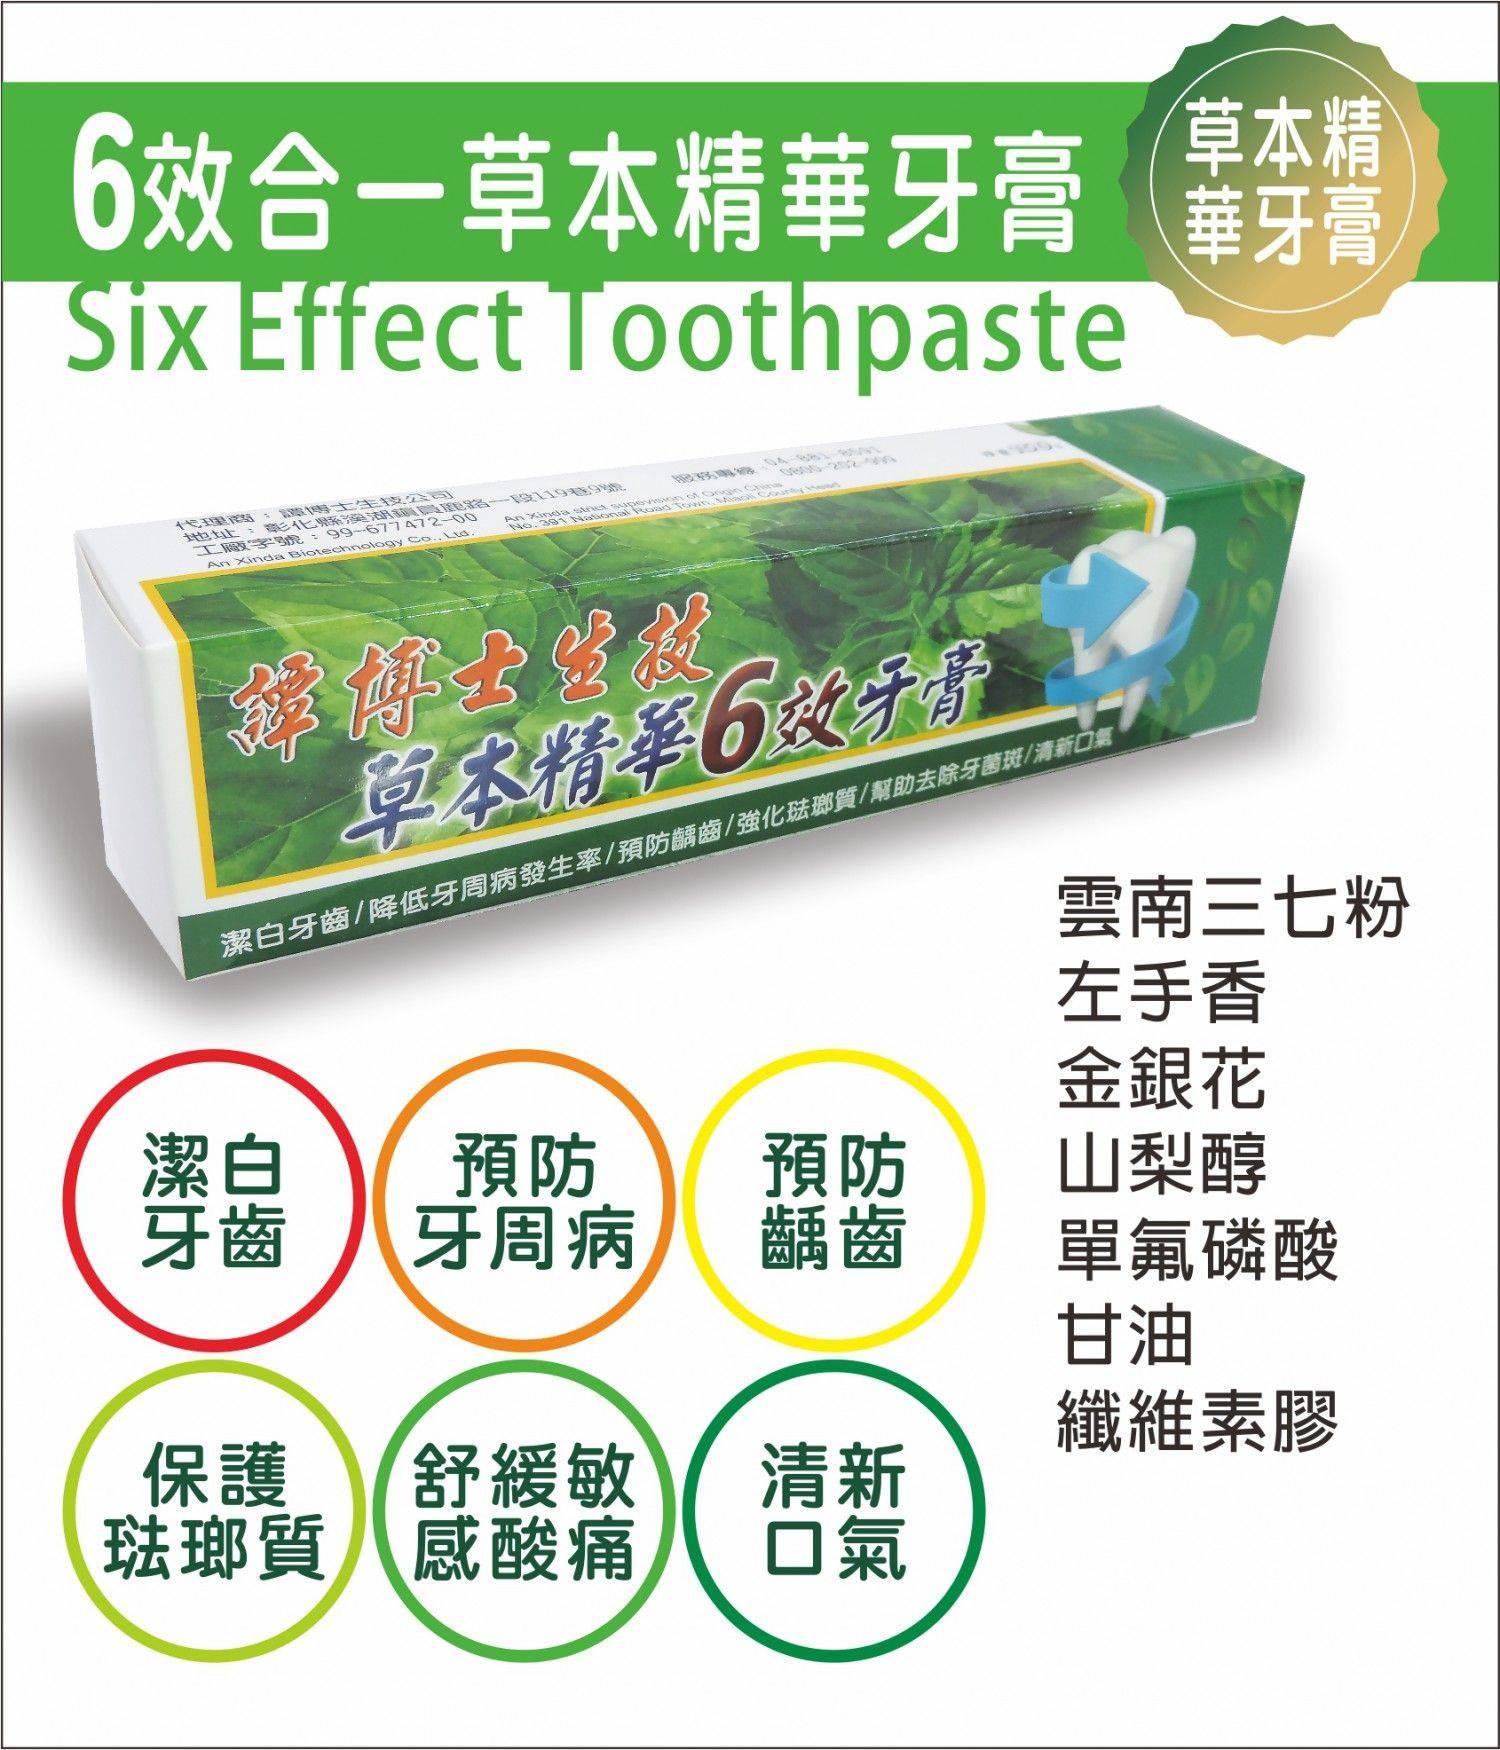 6效合一草本精華牙膏